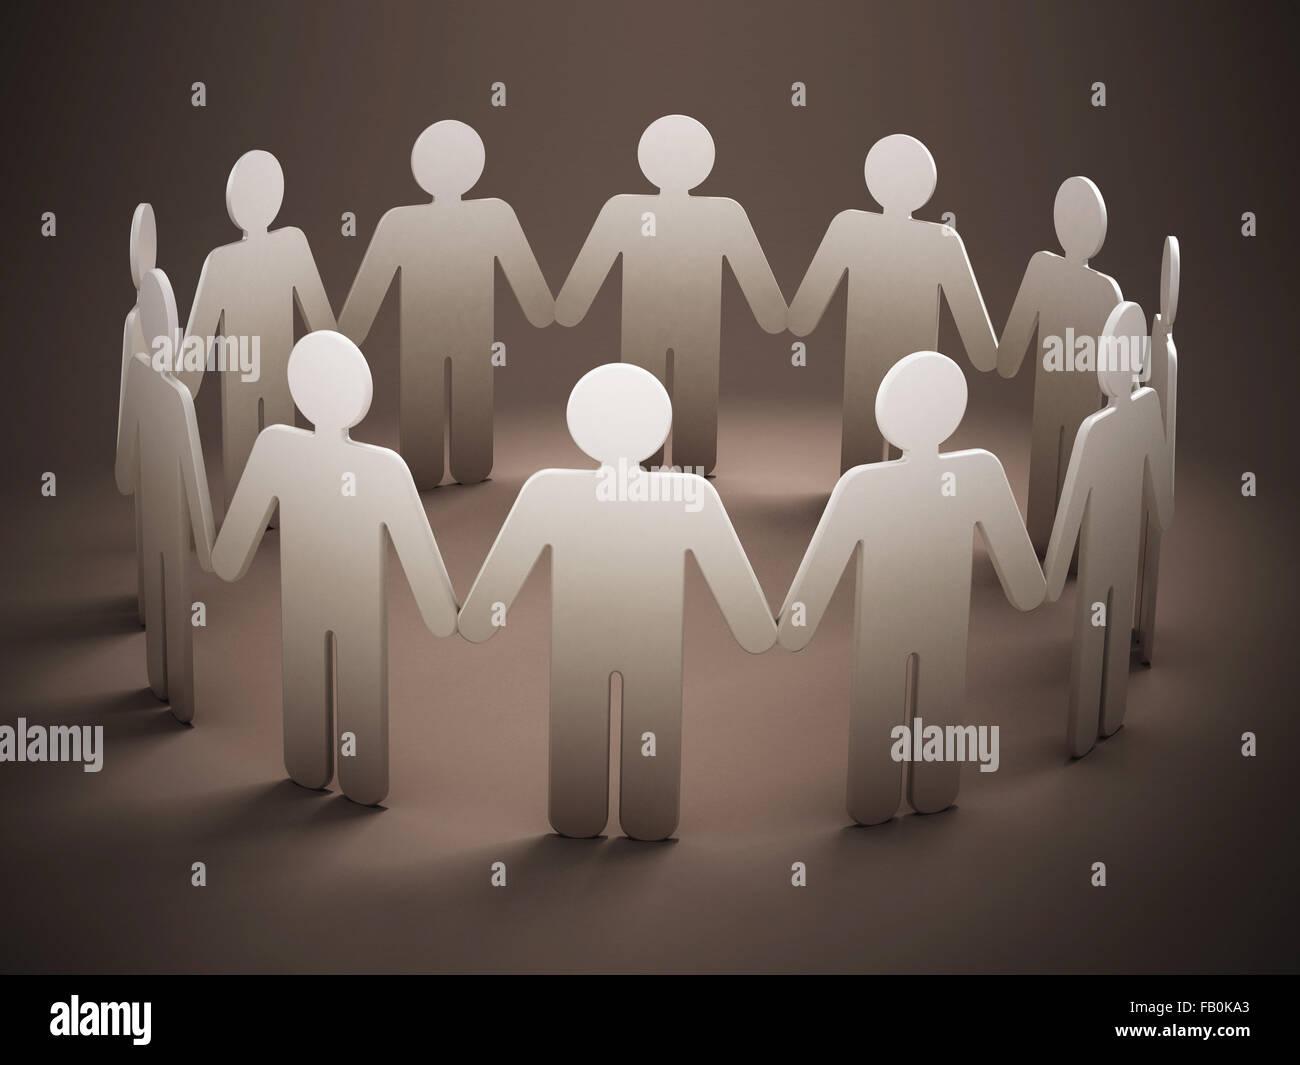 Las manos de gente con sombras suaves Imagen De Stock